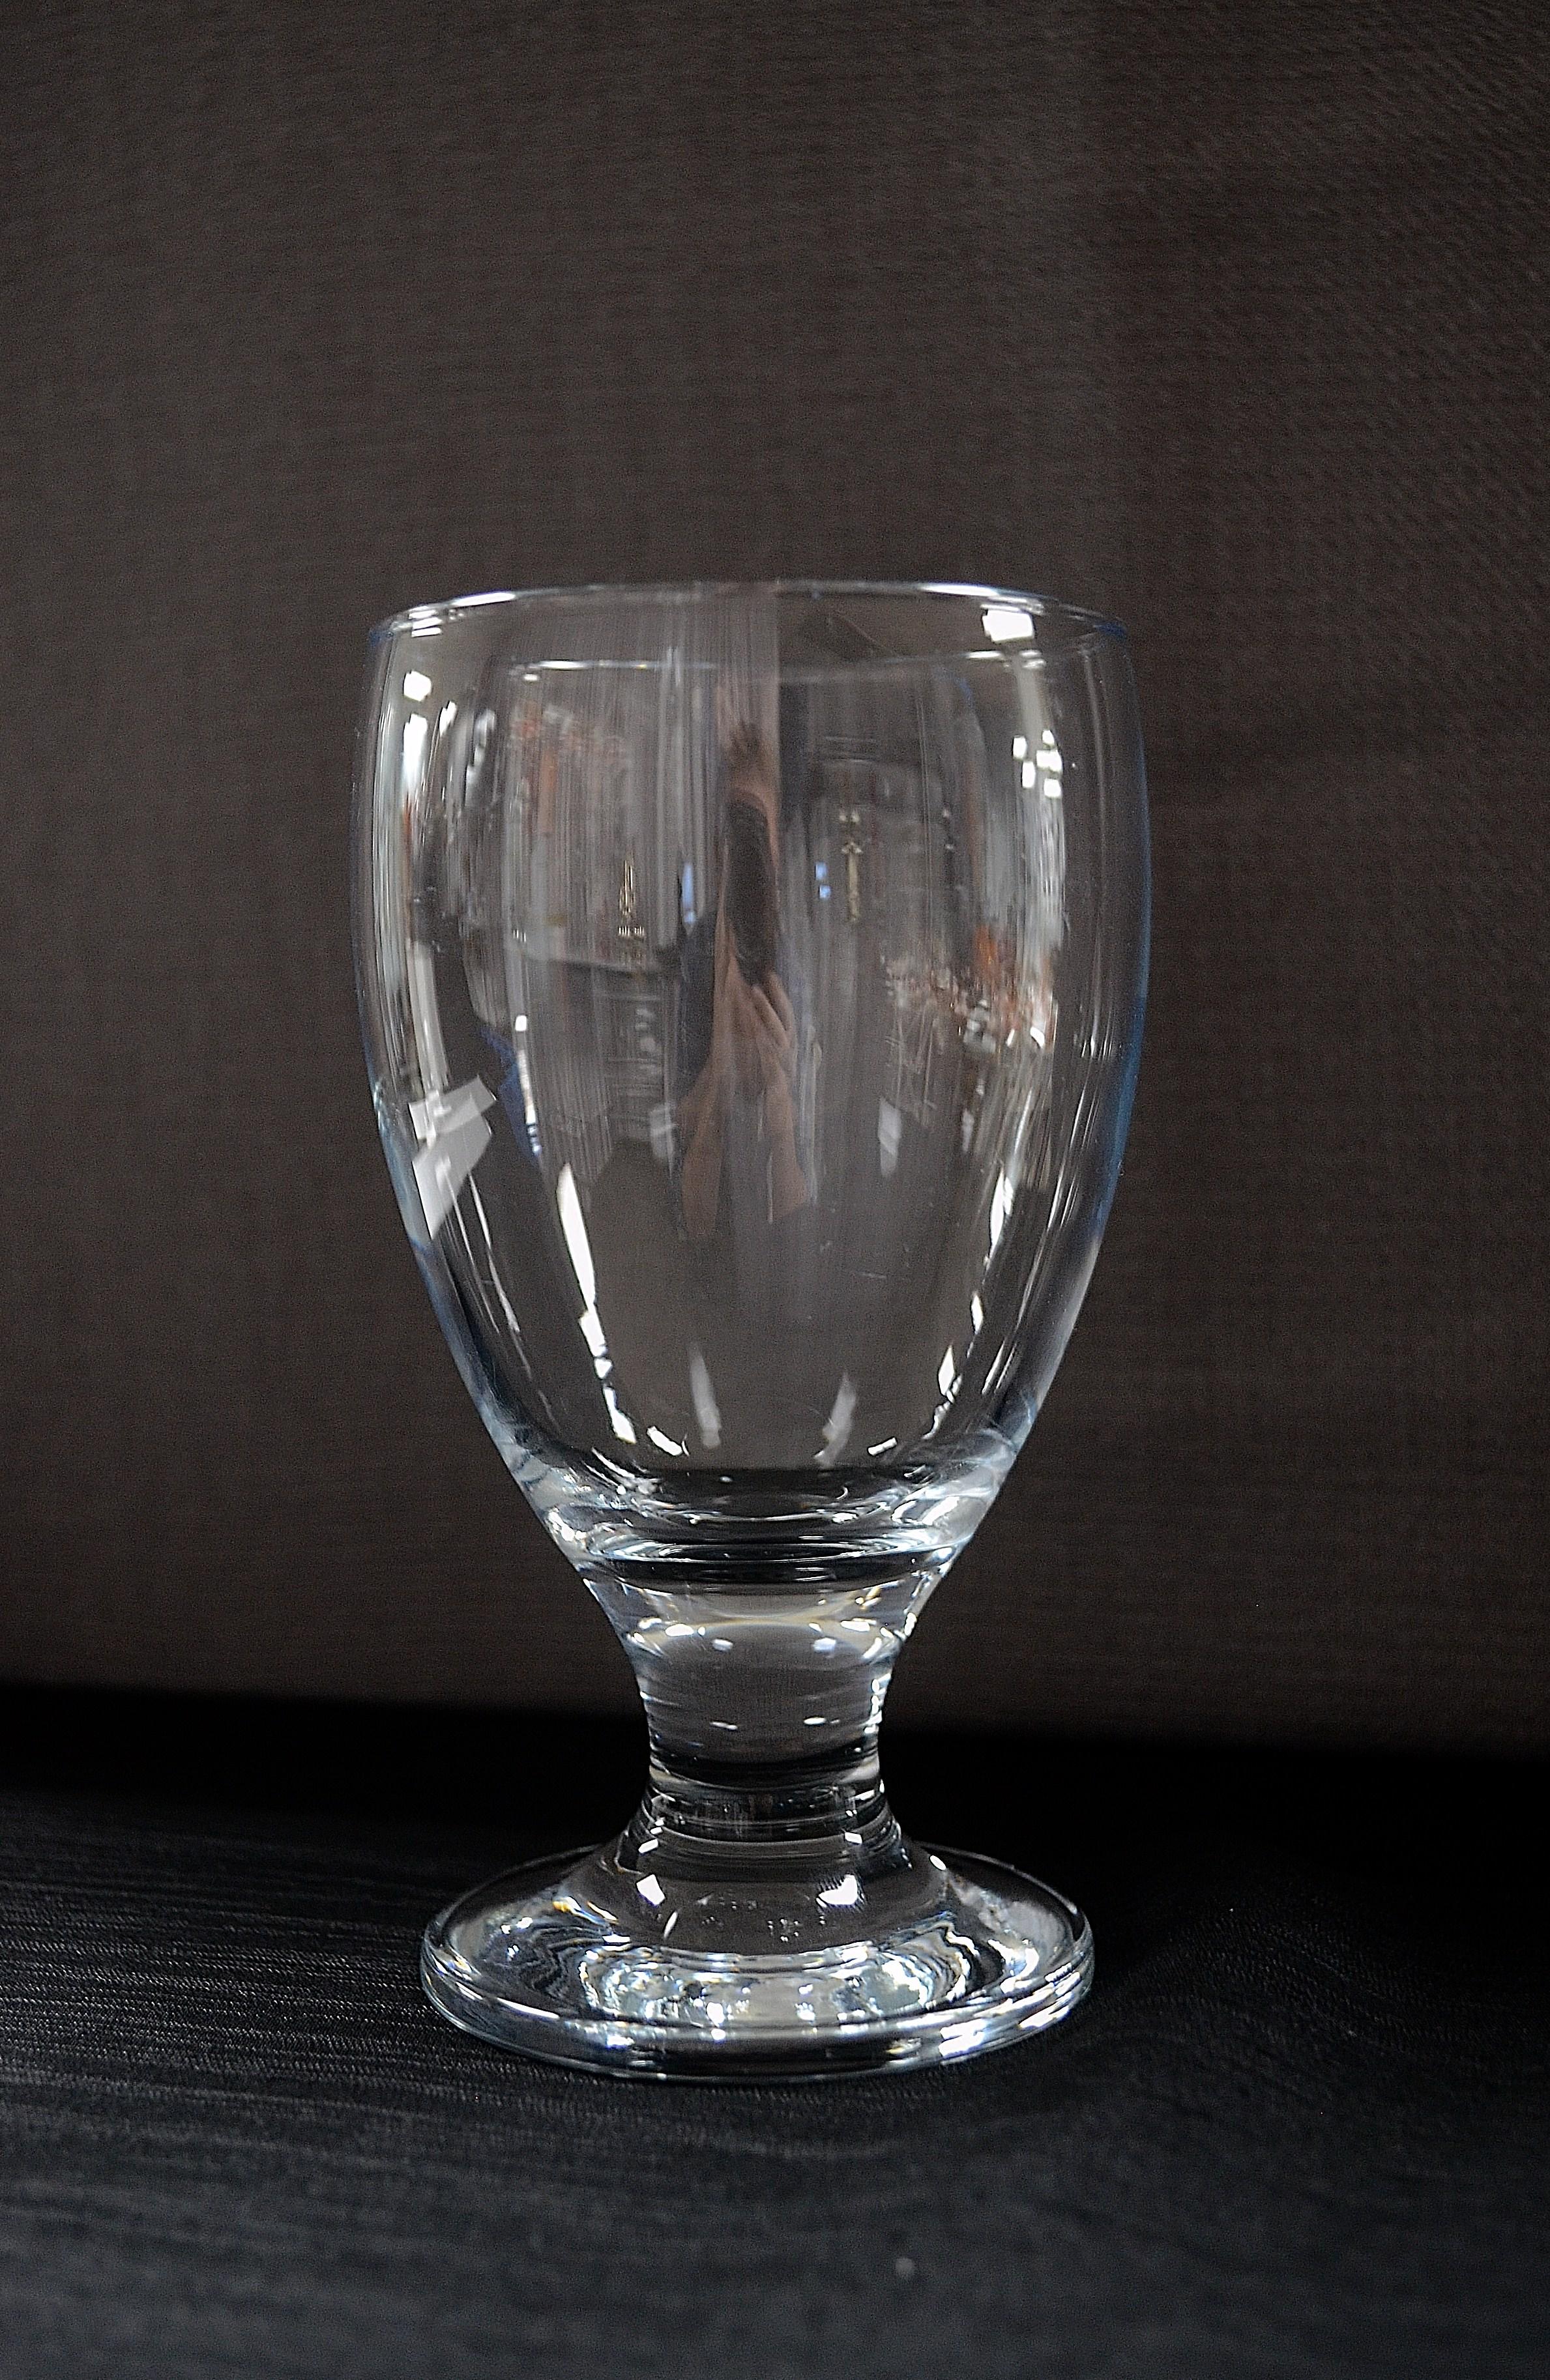 wine glasses water goblets. Black Bedroom Furniture Sets. Home Design Ideas